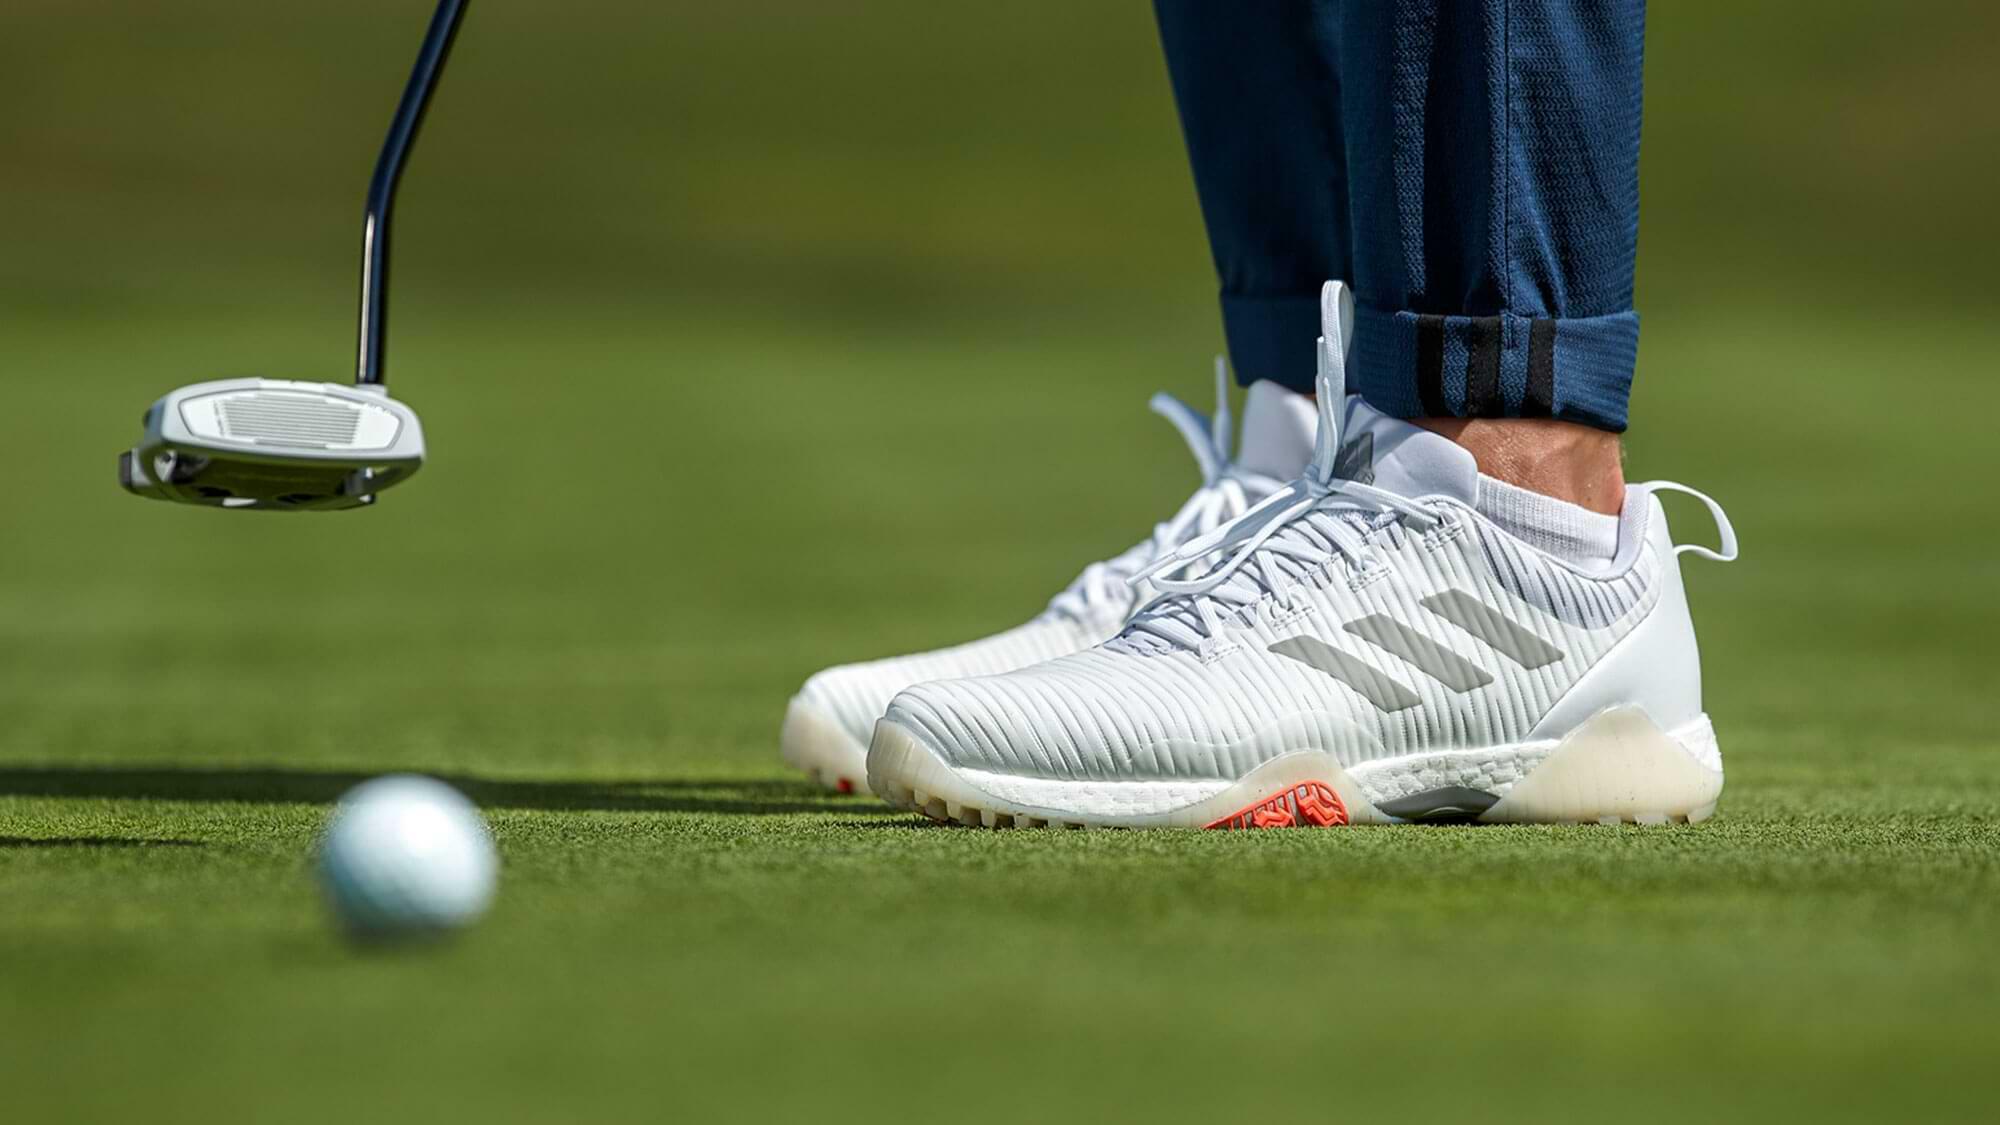 codechaos footwear